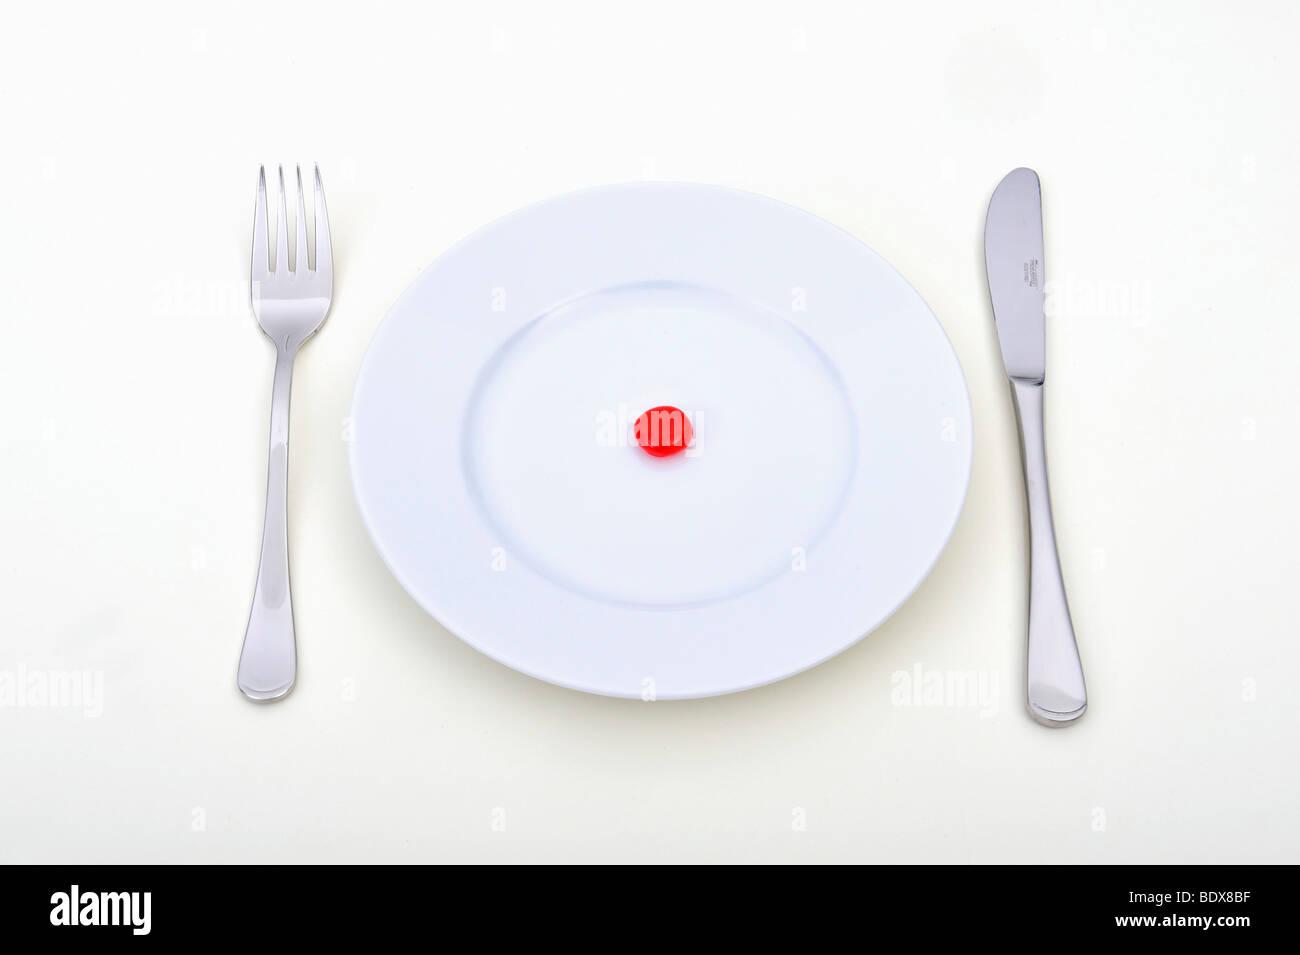 Imagen simbólica para consumo de alimentos sintéticos, la píldora, el uso indebido de drogas, la Imagen De Stock